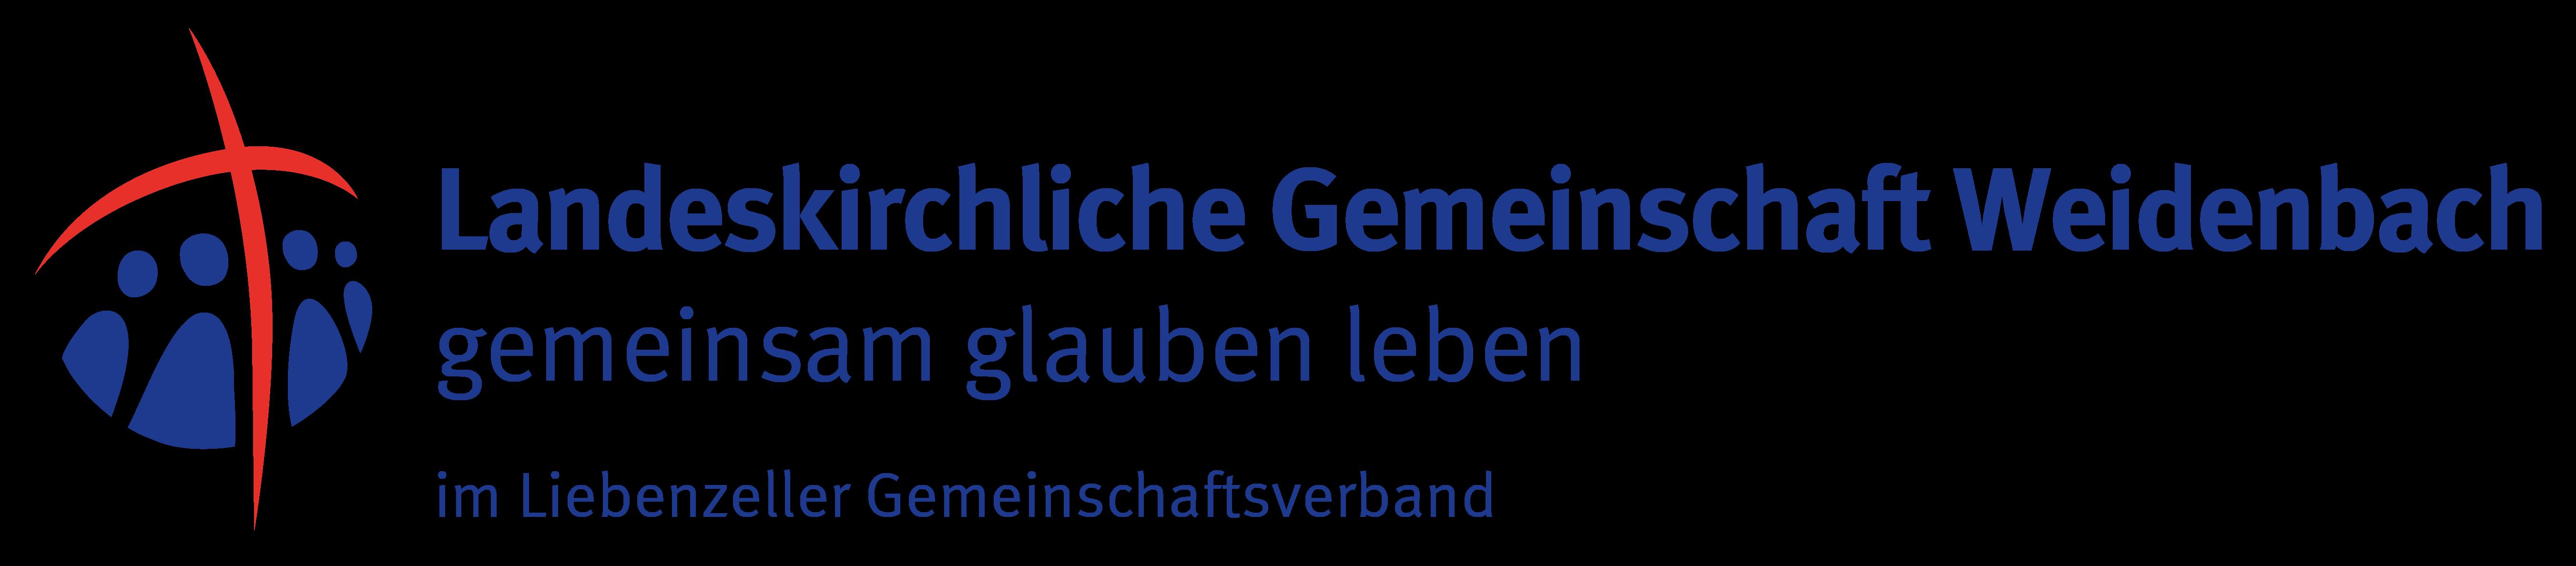 LKG Weidenbach